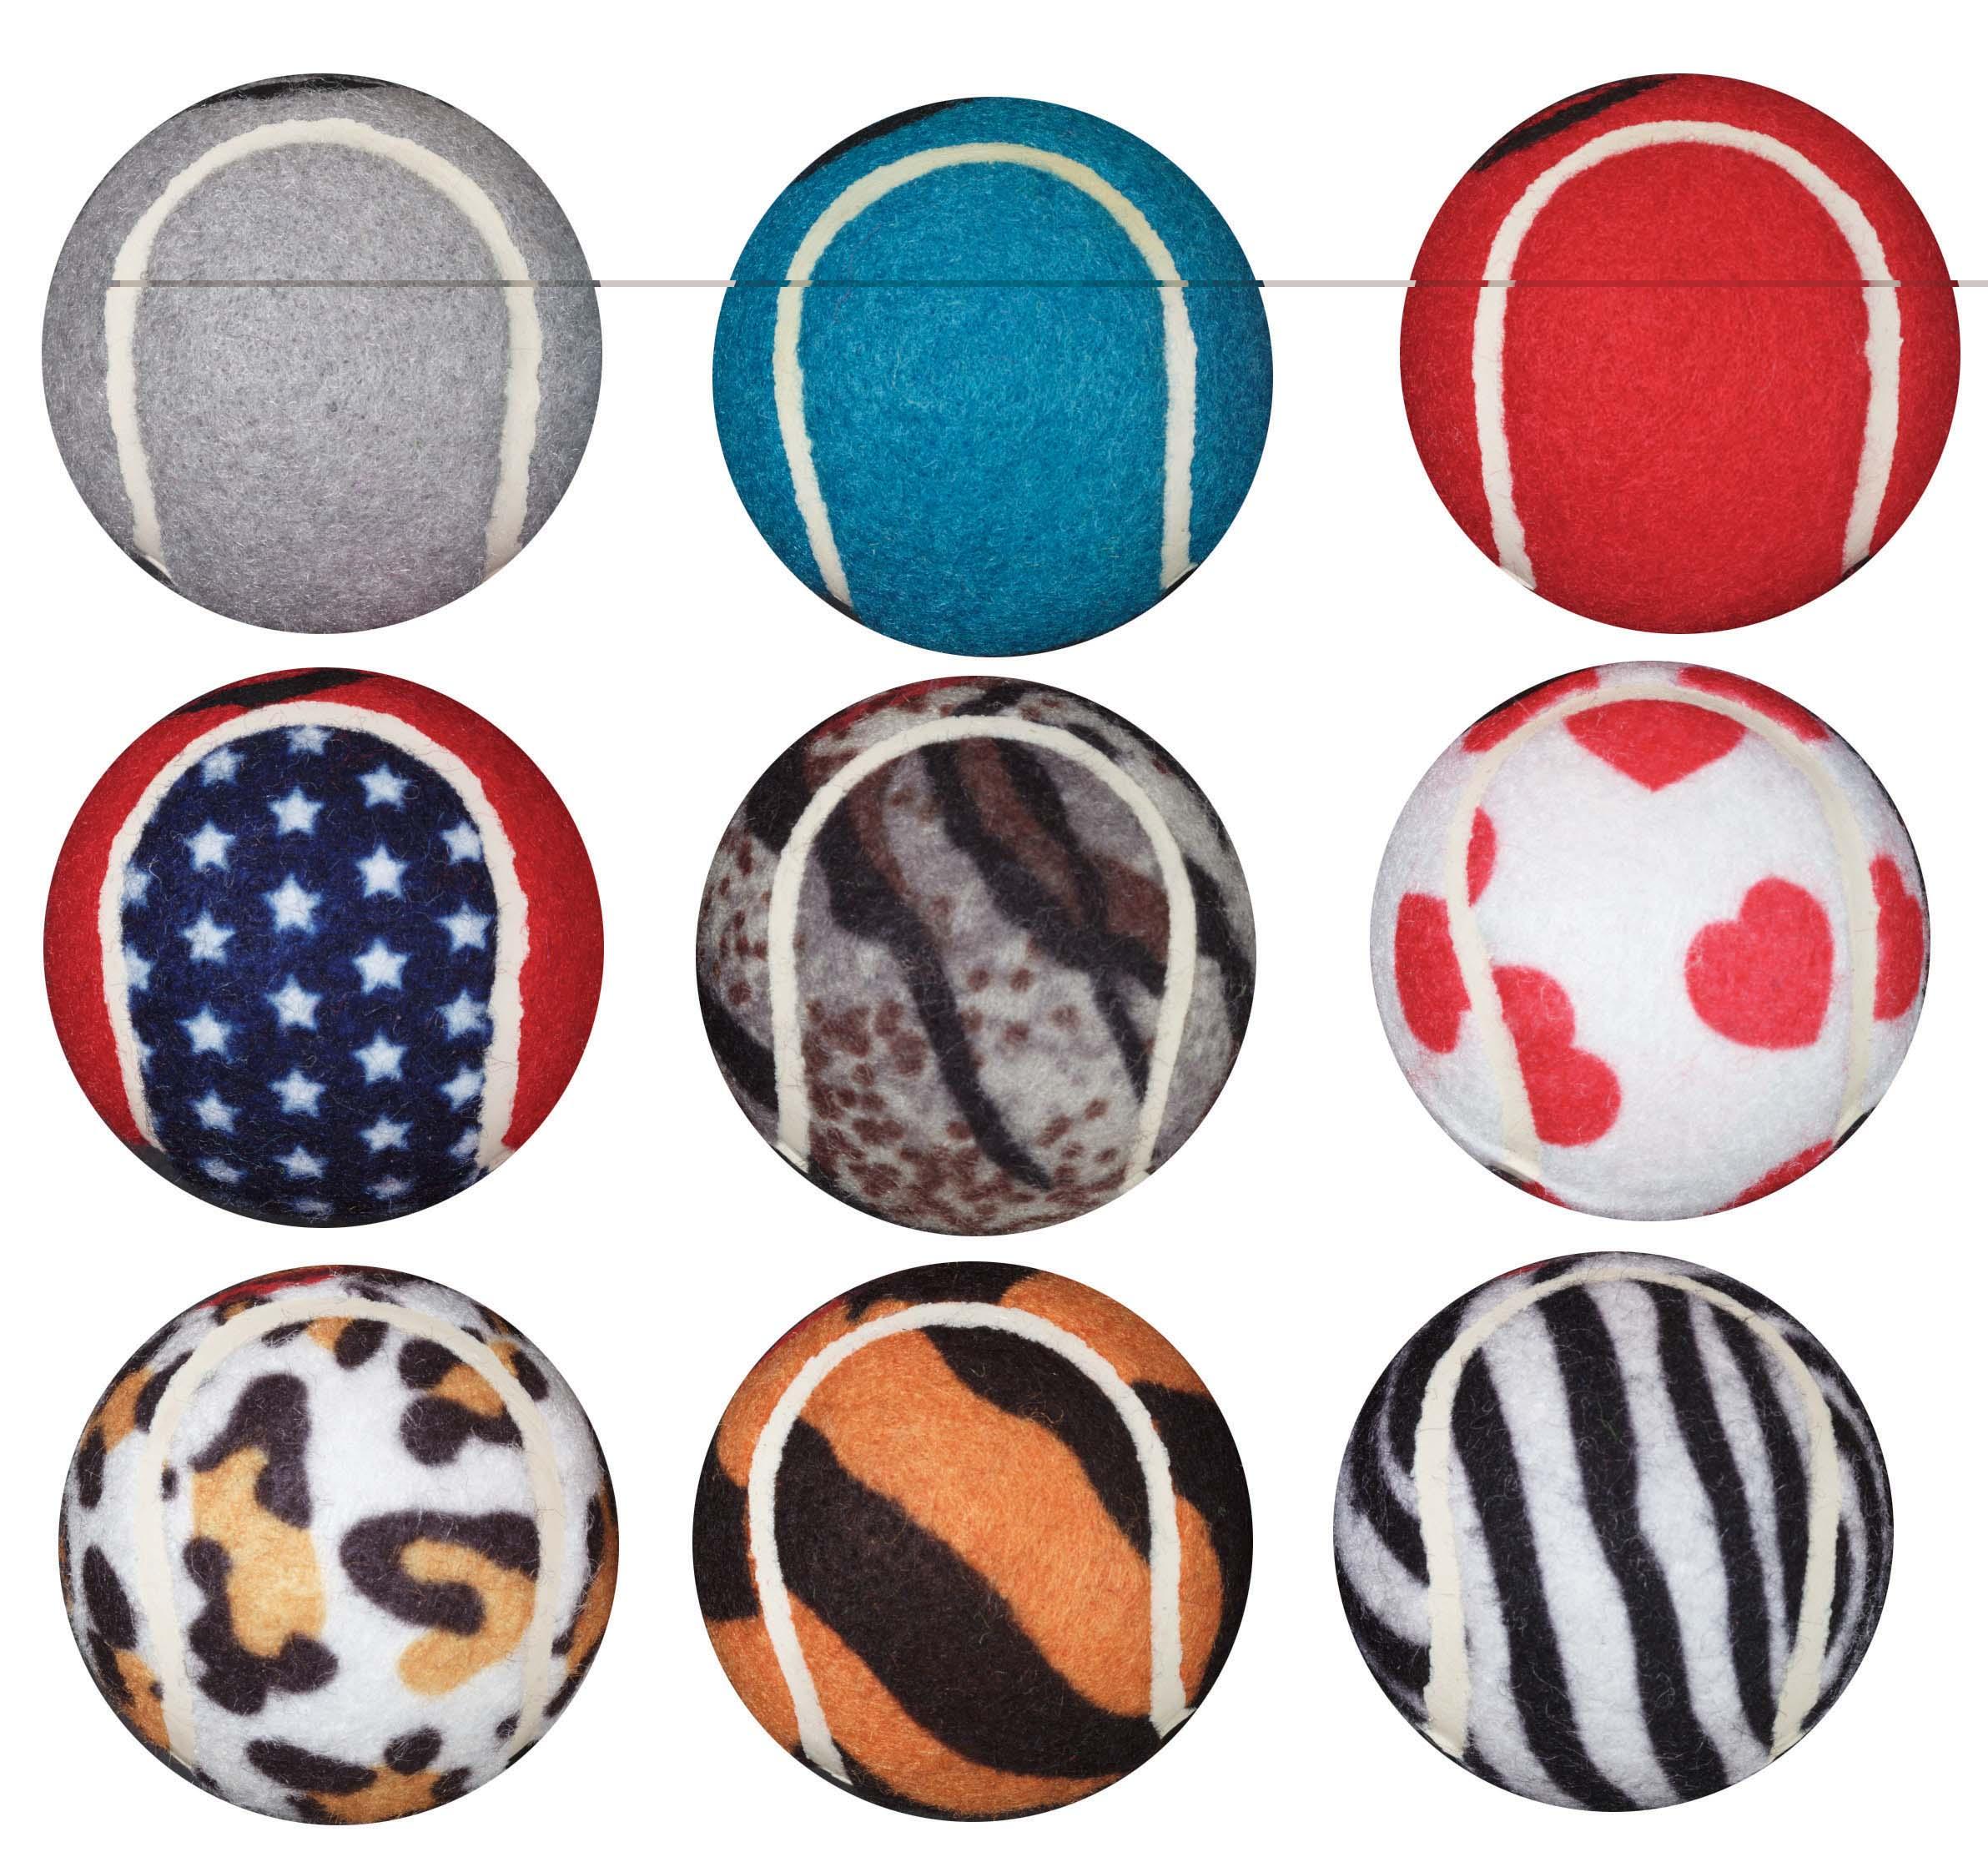 walkerballs-red-1-pair-510-1035-0800-lr-3.jpg